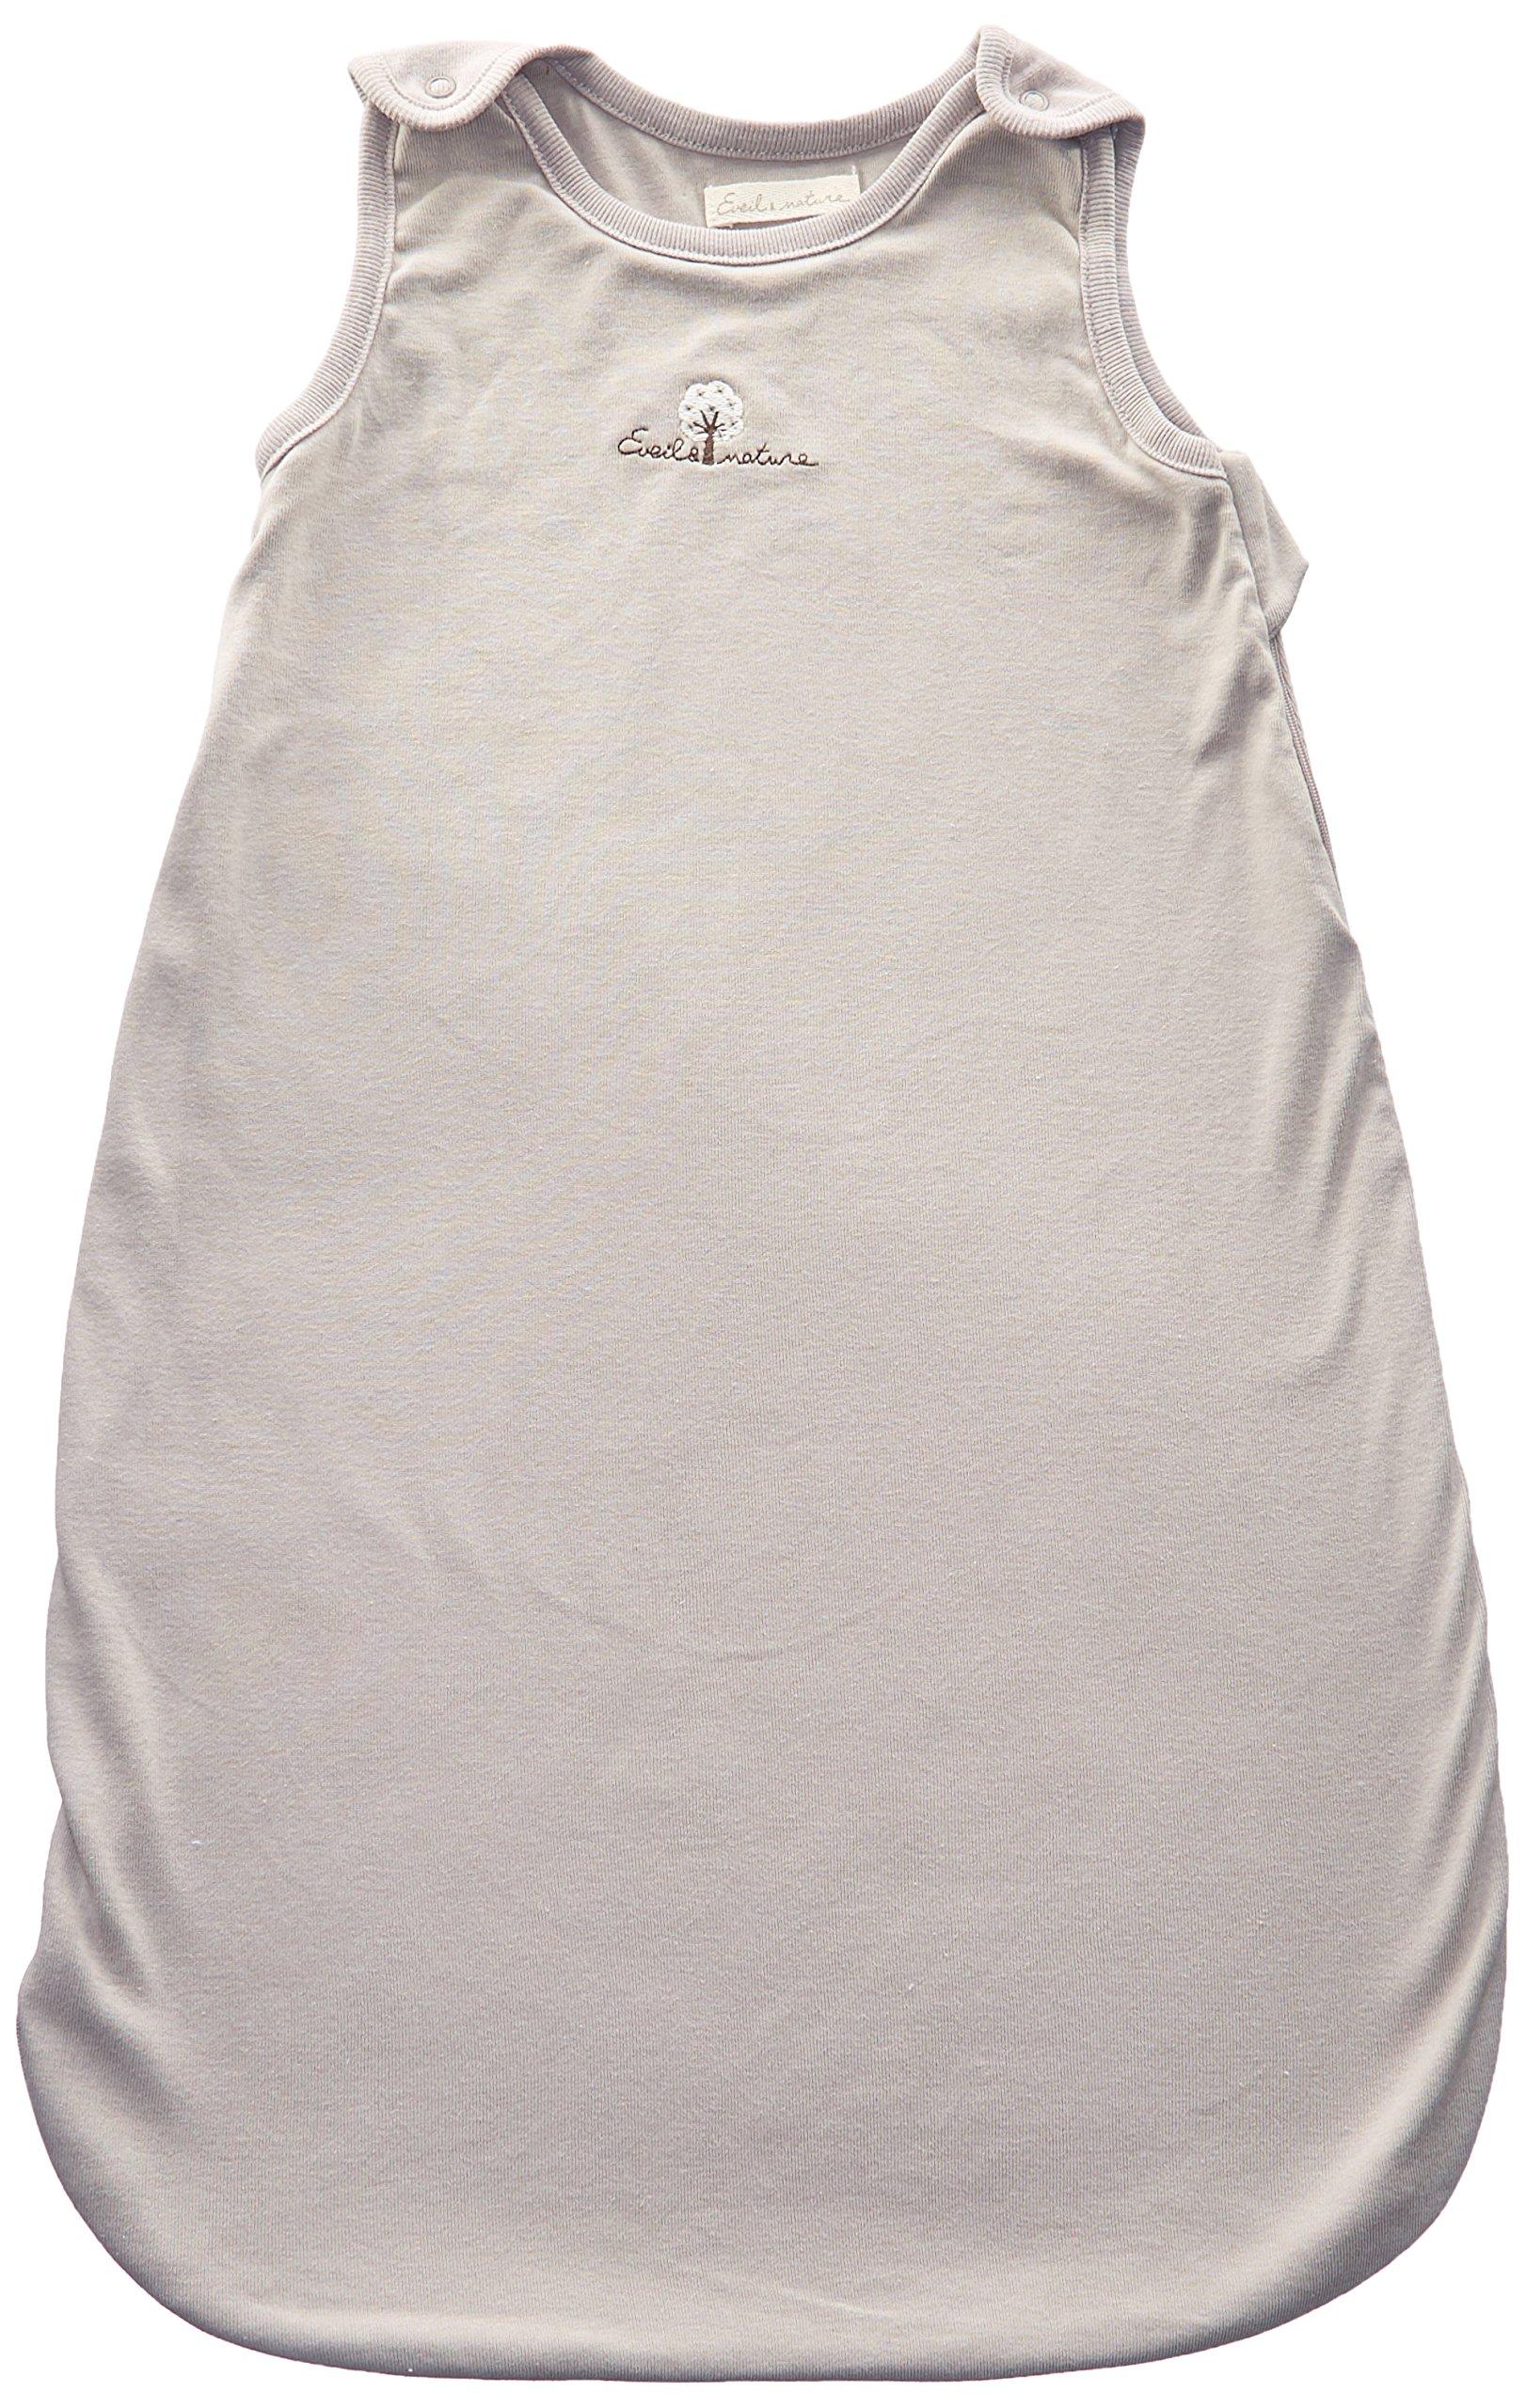 91RXE397tJL - Eveil et Nature - Saco de dormir para bebé (70 cm de verano) color gris